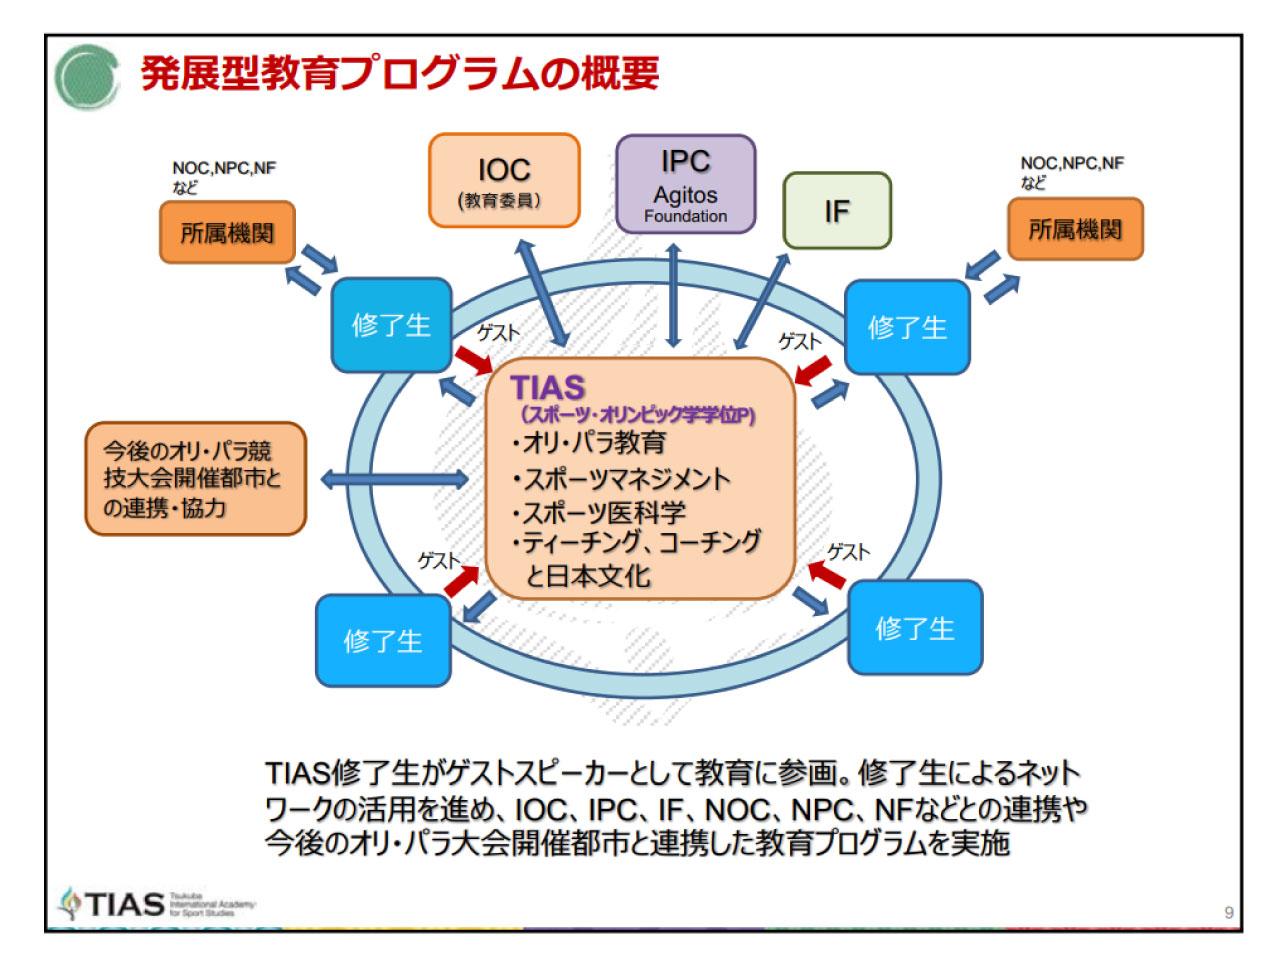 発展型教育プログラムの概要